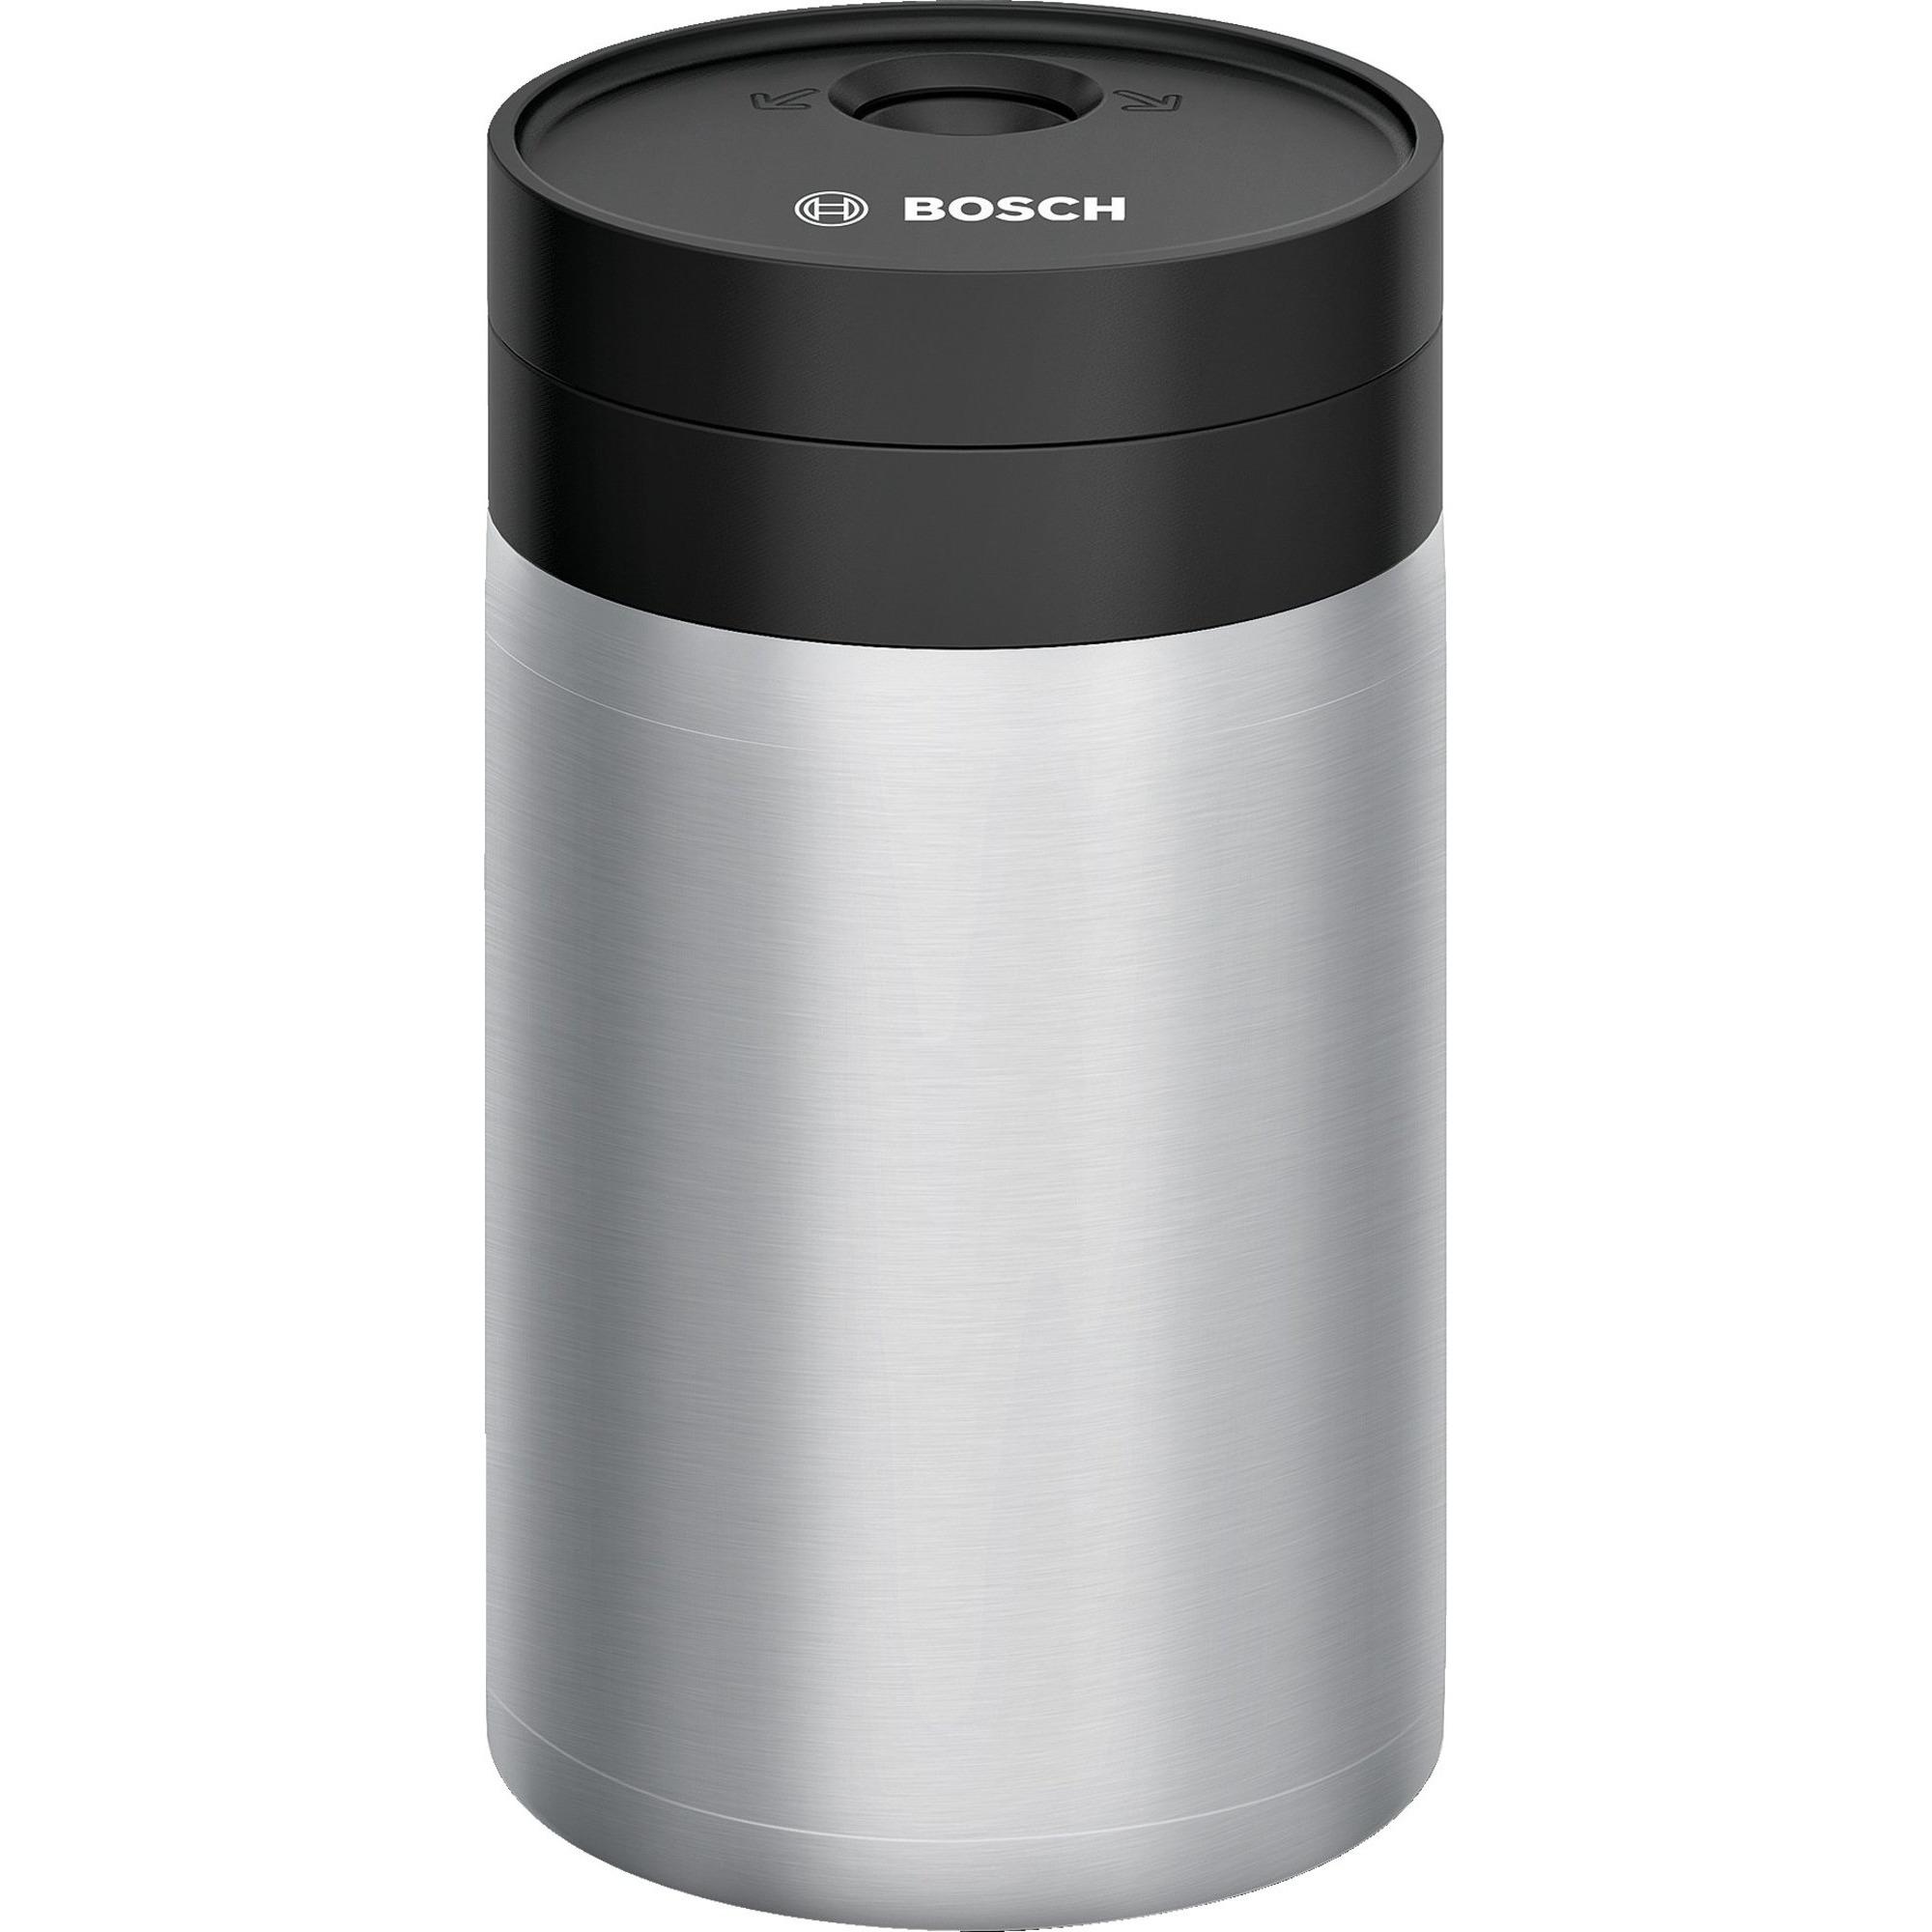 Bosch TCZ8009N Isolerad mjölkbehållare